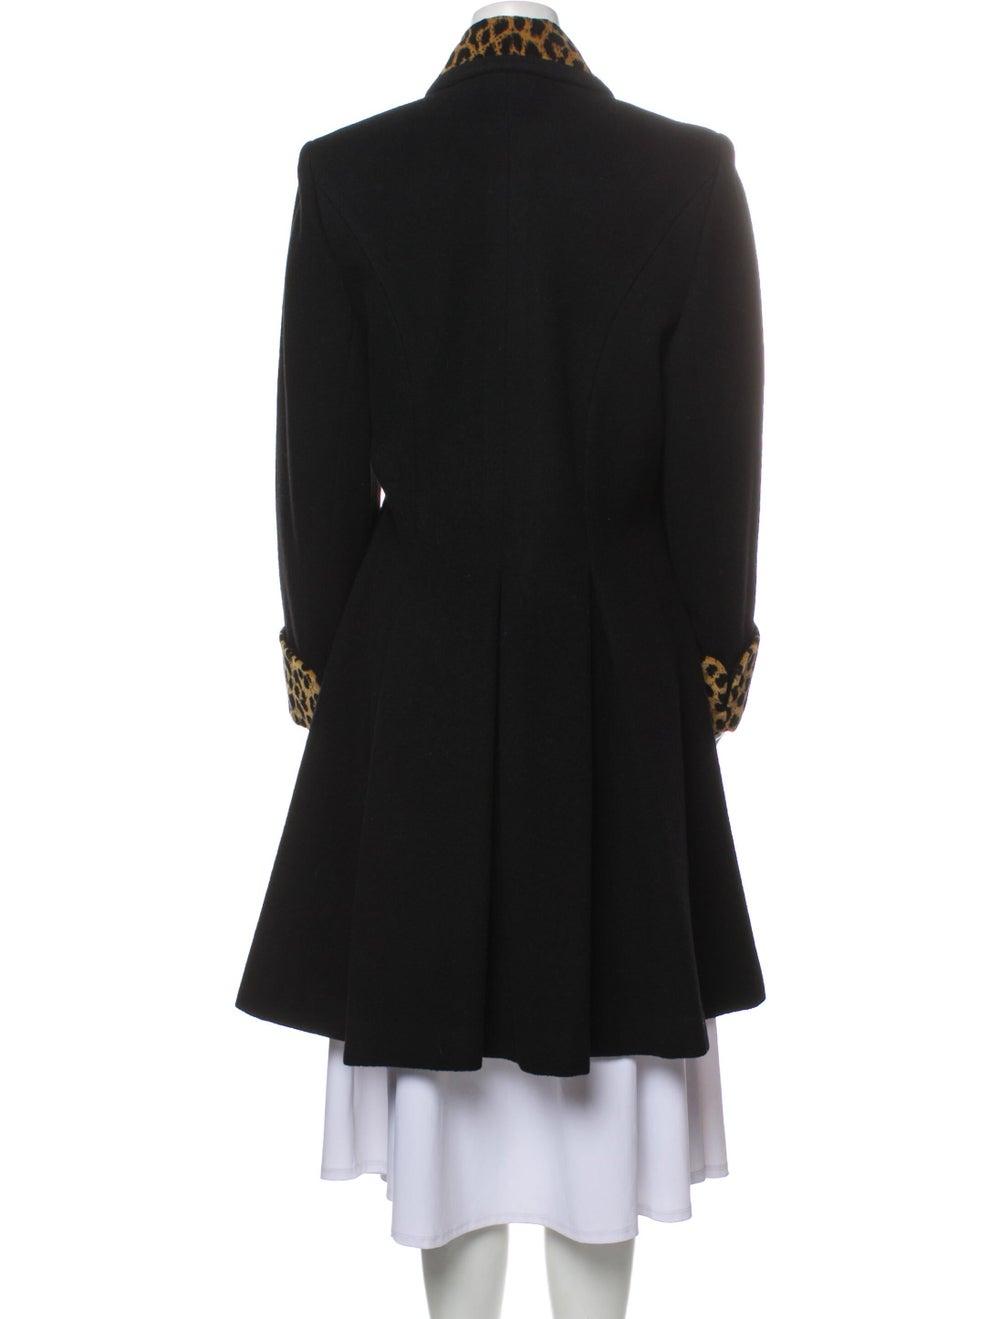 Christian Dior Vintage 1980's Coat Black - image 3